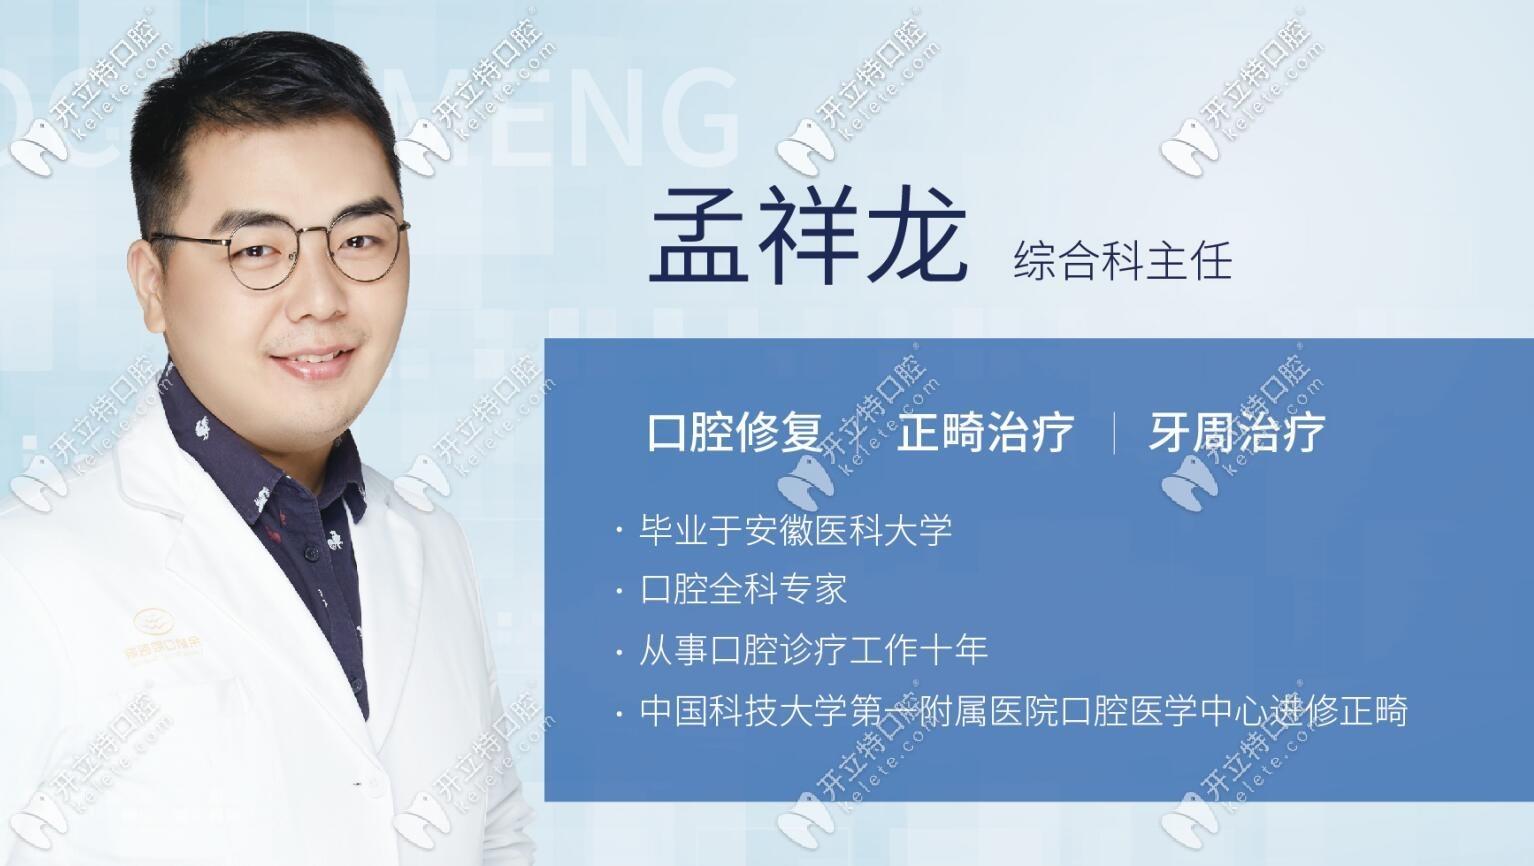 杭州余杭口腔医院孟祥龙